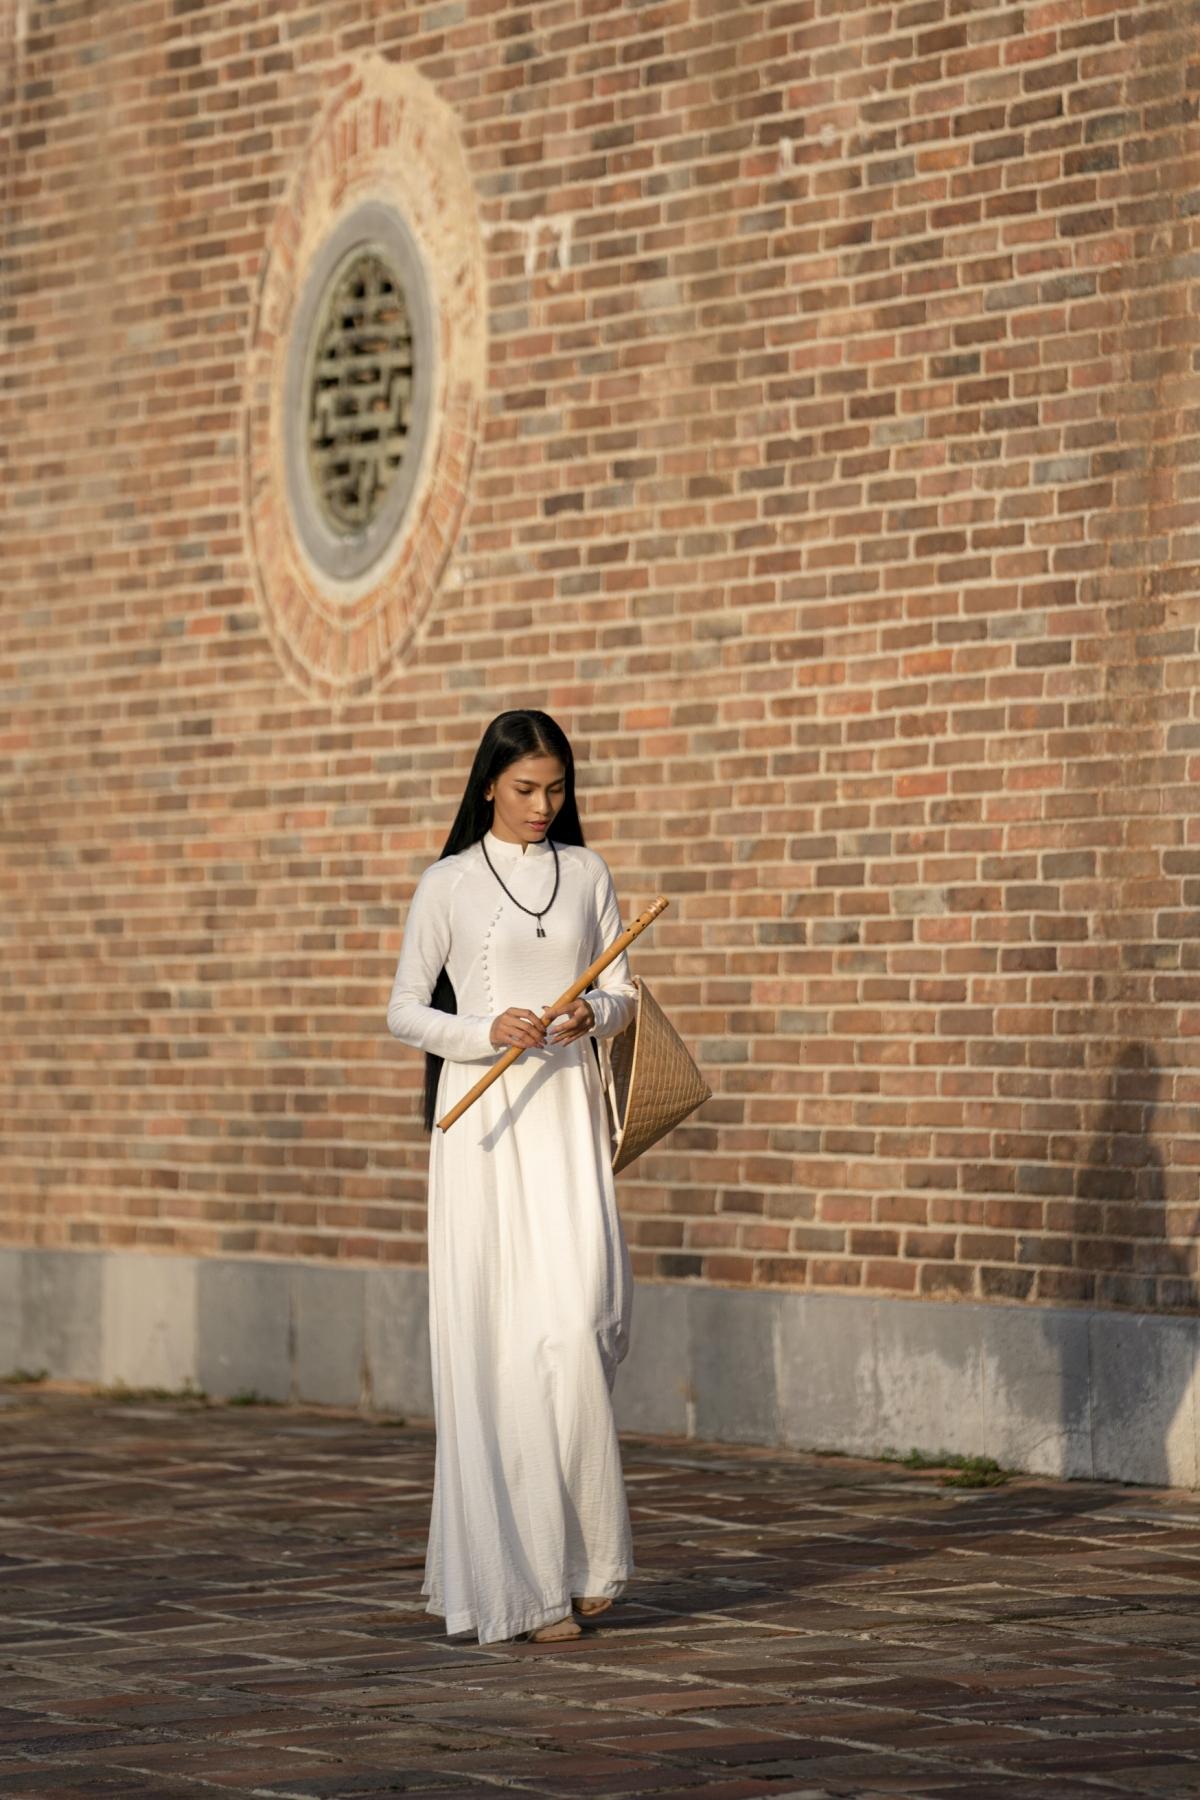 Một xứ Huế- vùng đất thần kinh mang nhiều giá trị văn hóa, xuôi theo dòng chảy của lịch sử ngày càng cuốn hút du khách xa gần.